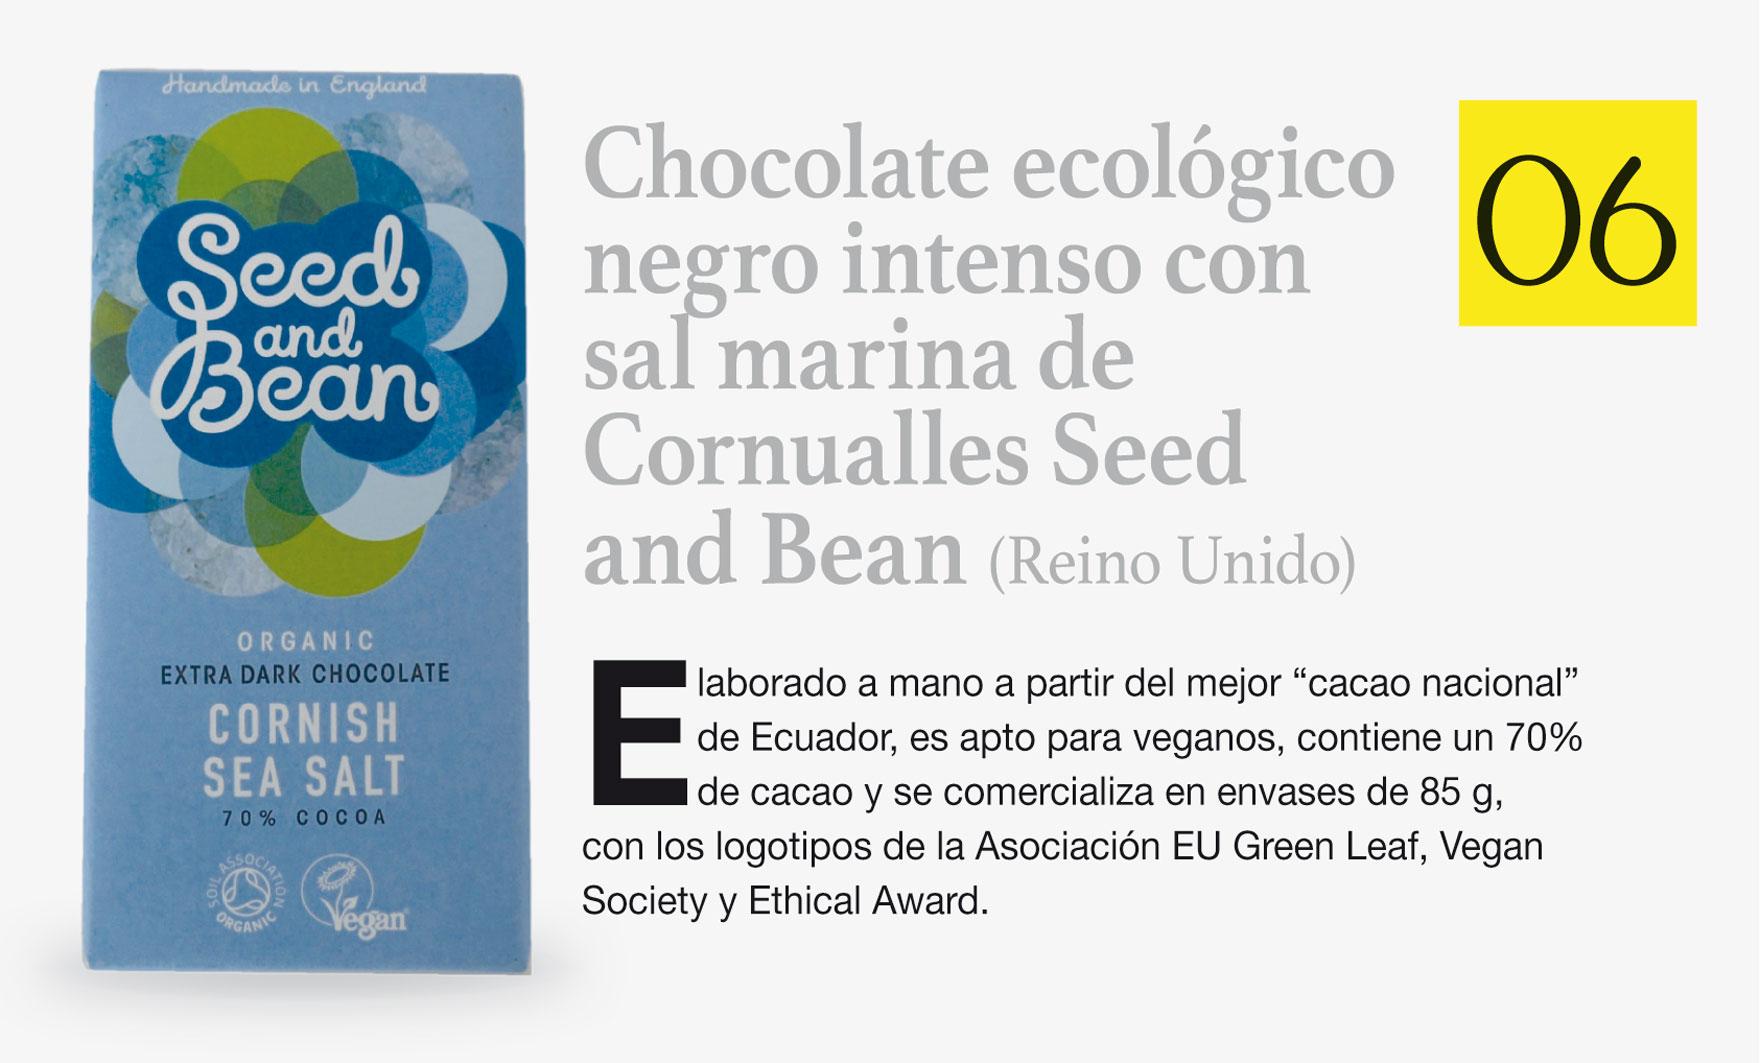 Chocolate ecológico negro intenso con sal marina de Cornualles Seed and Bean (Reino Unido)